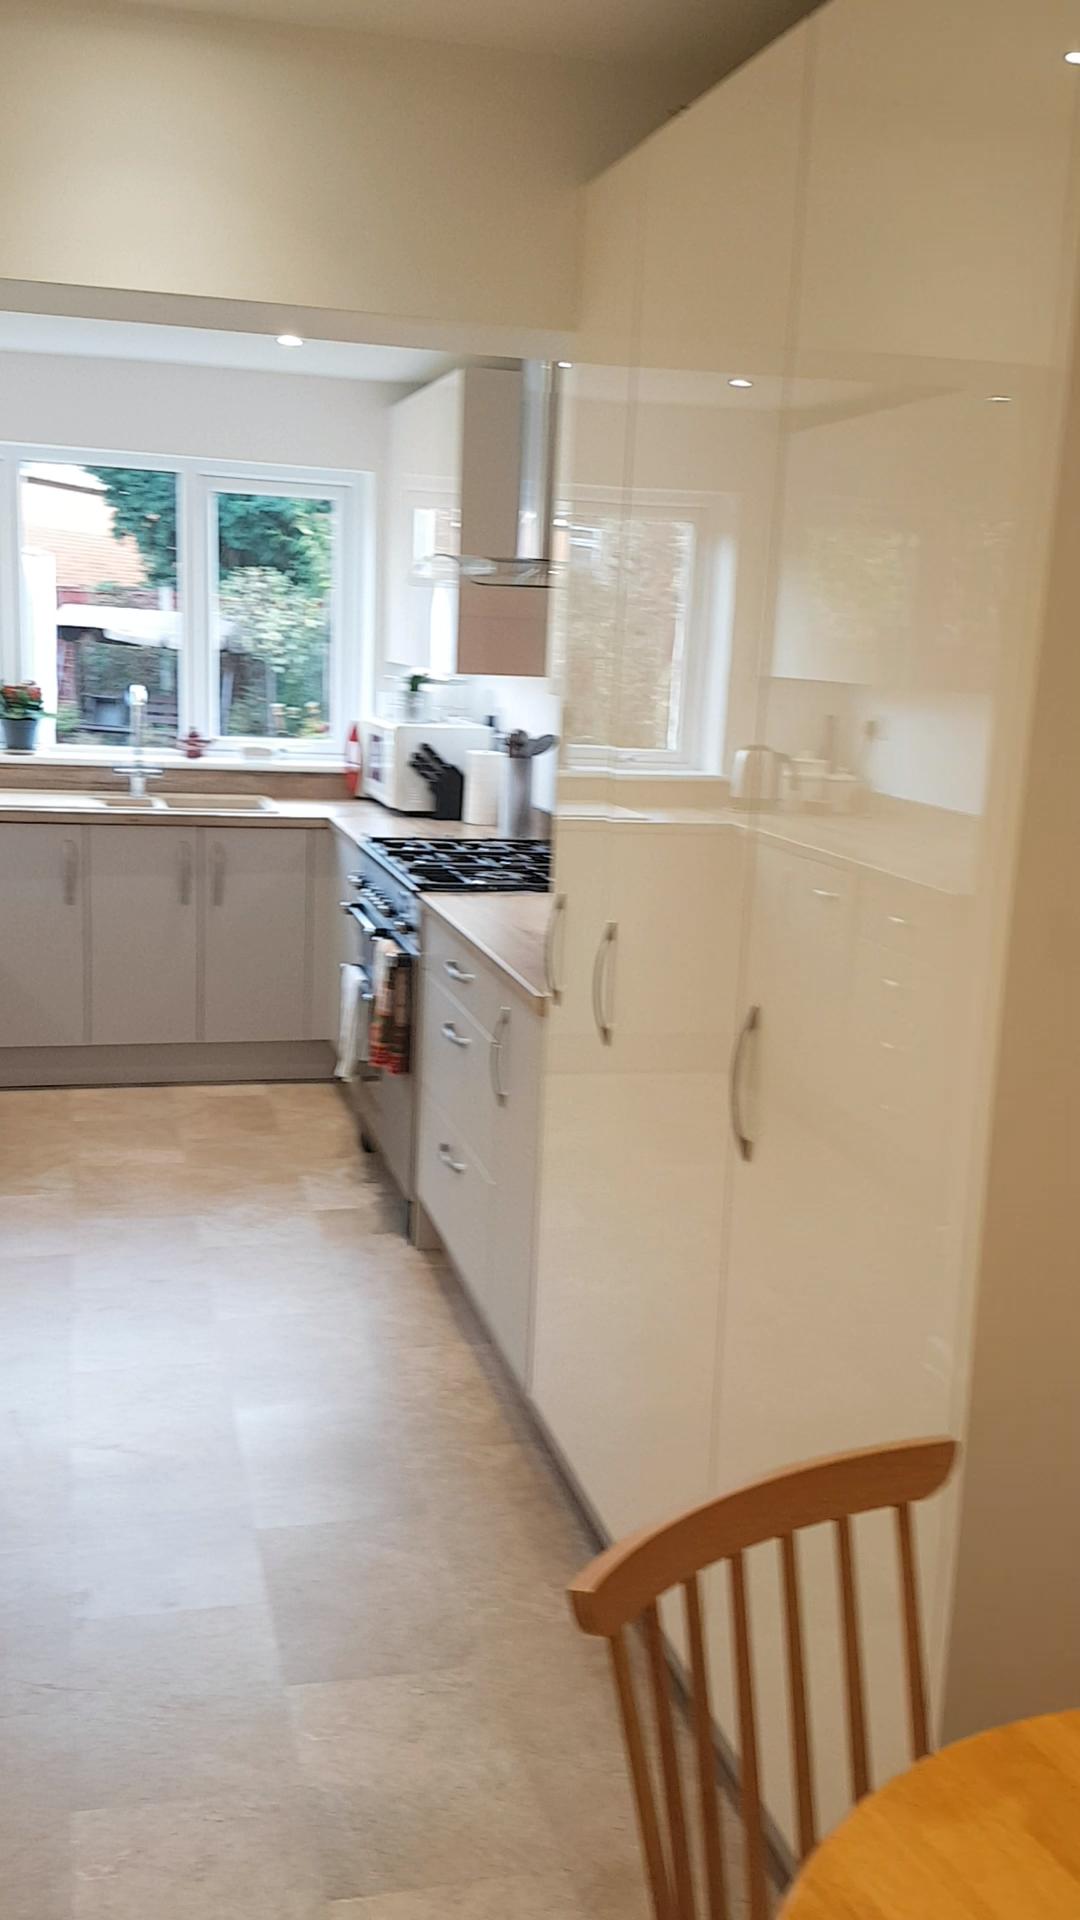 Cozinhas Modernas Cozinha Planejada Apartamento Pequeno Cozinhas Domesticas